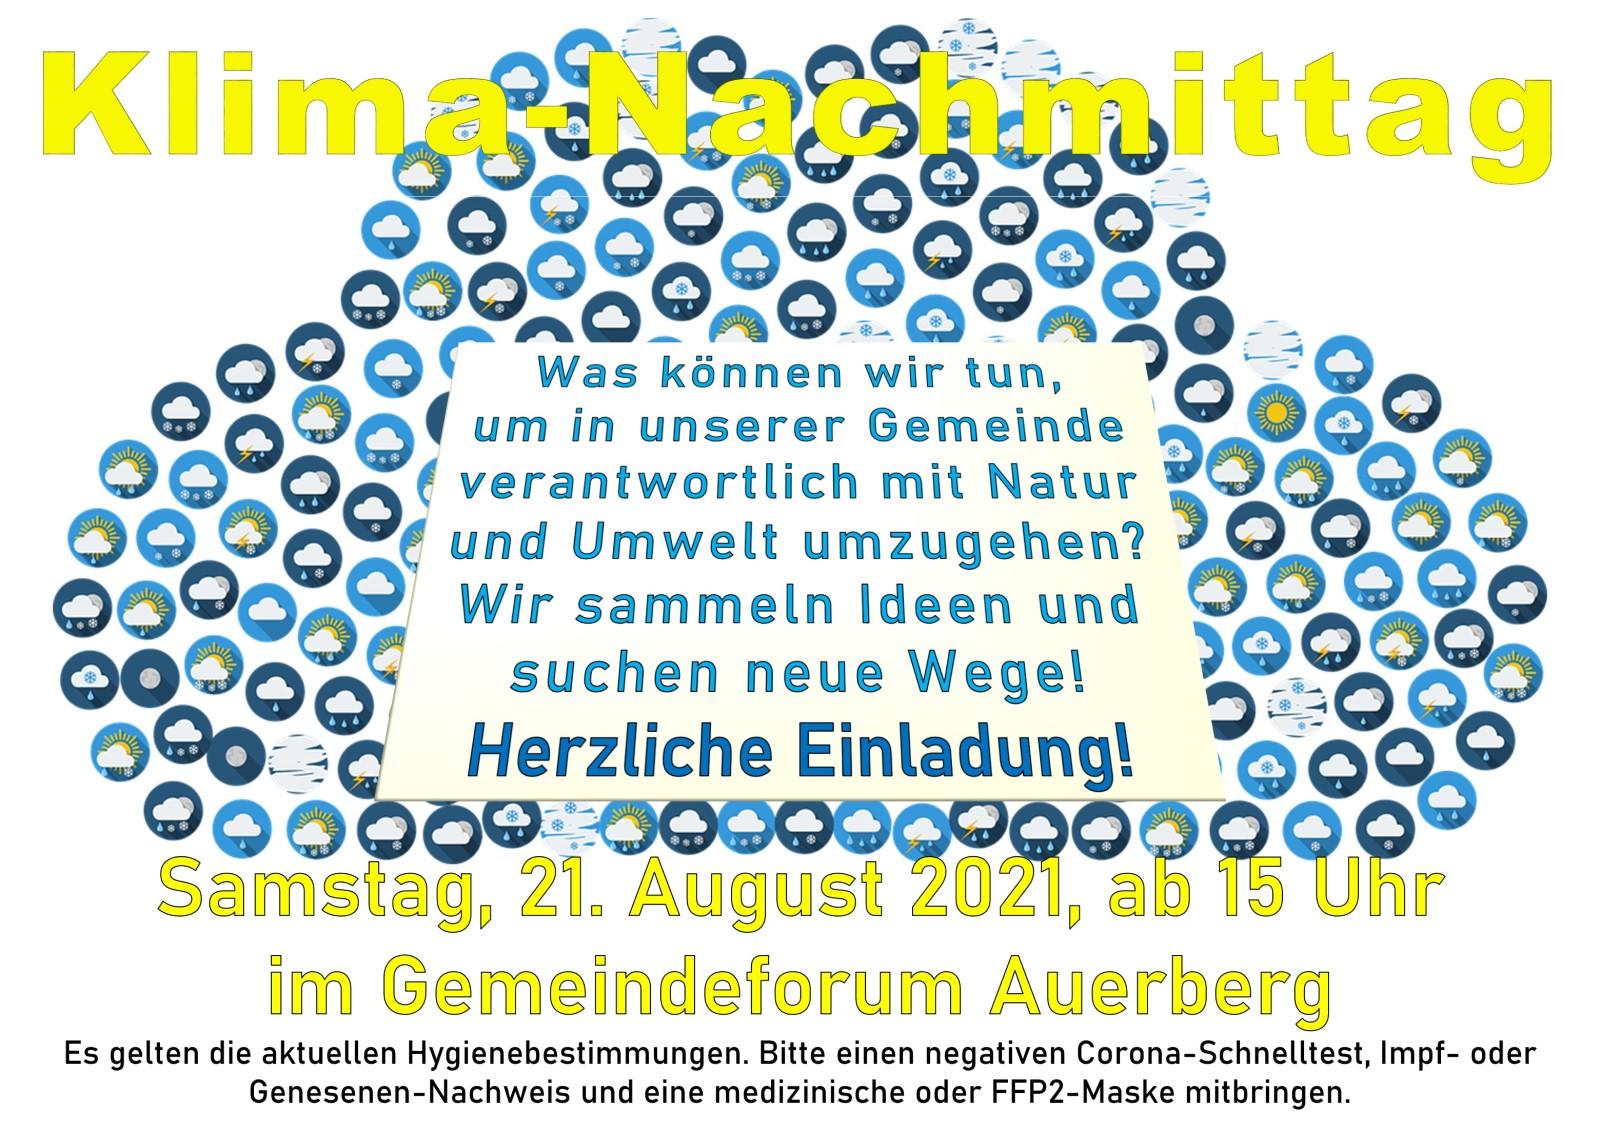 Klima-Nachmittag am Samstag, 21. August 2021, ab 15 Uhr im Gemeindeforum Auerberg